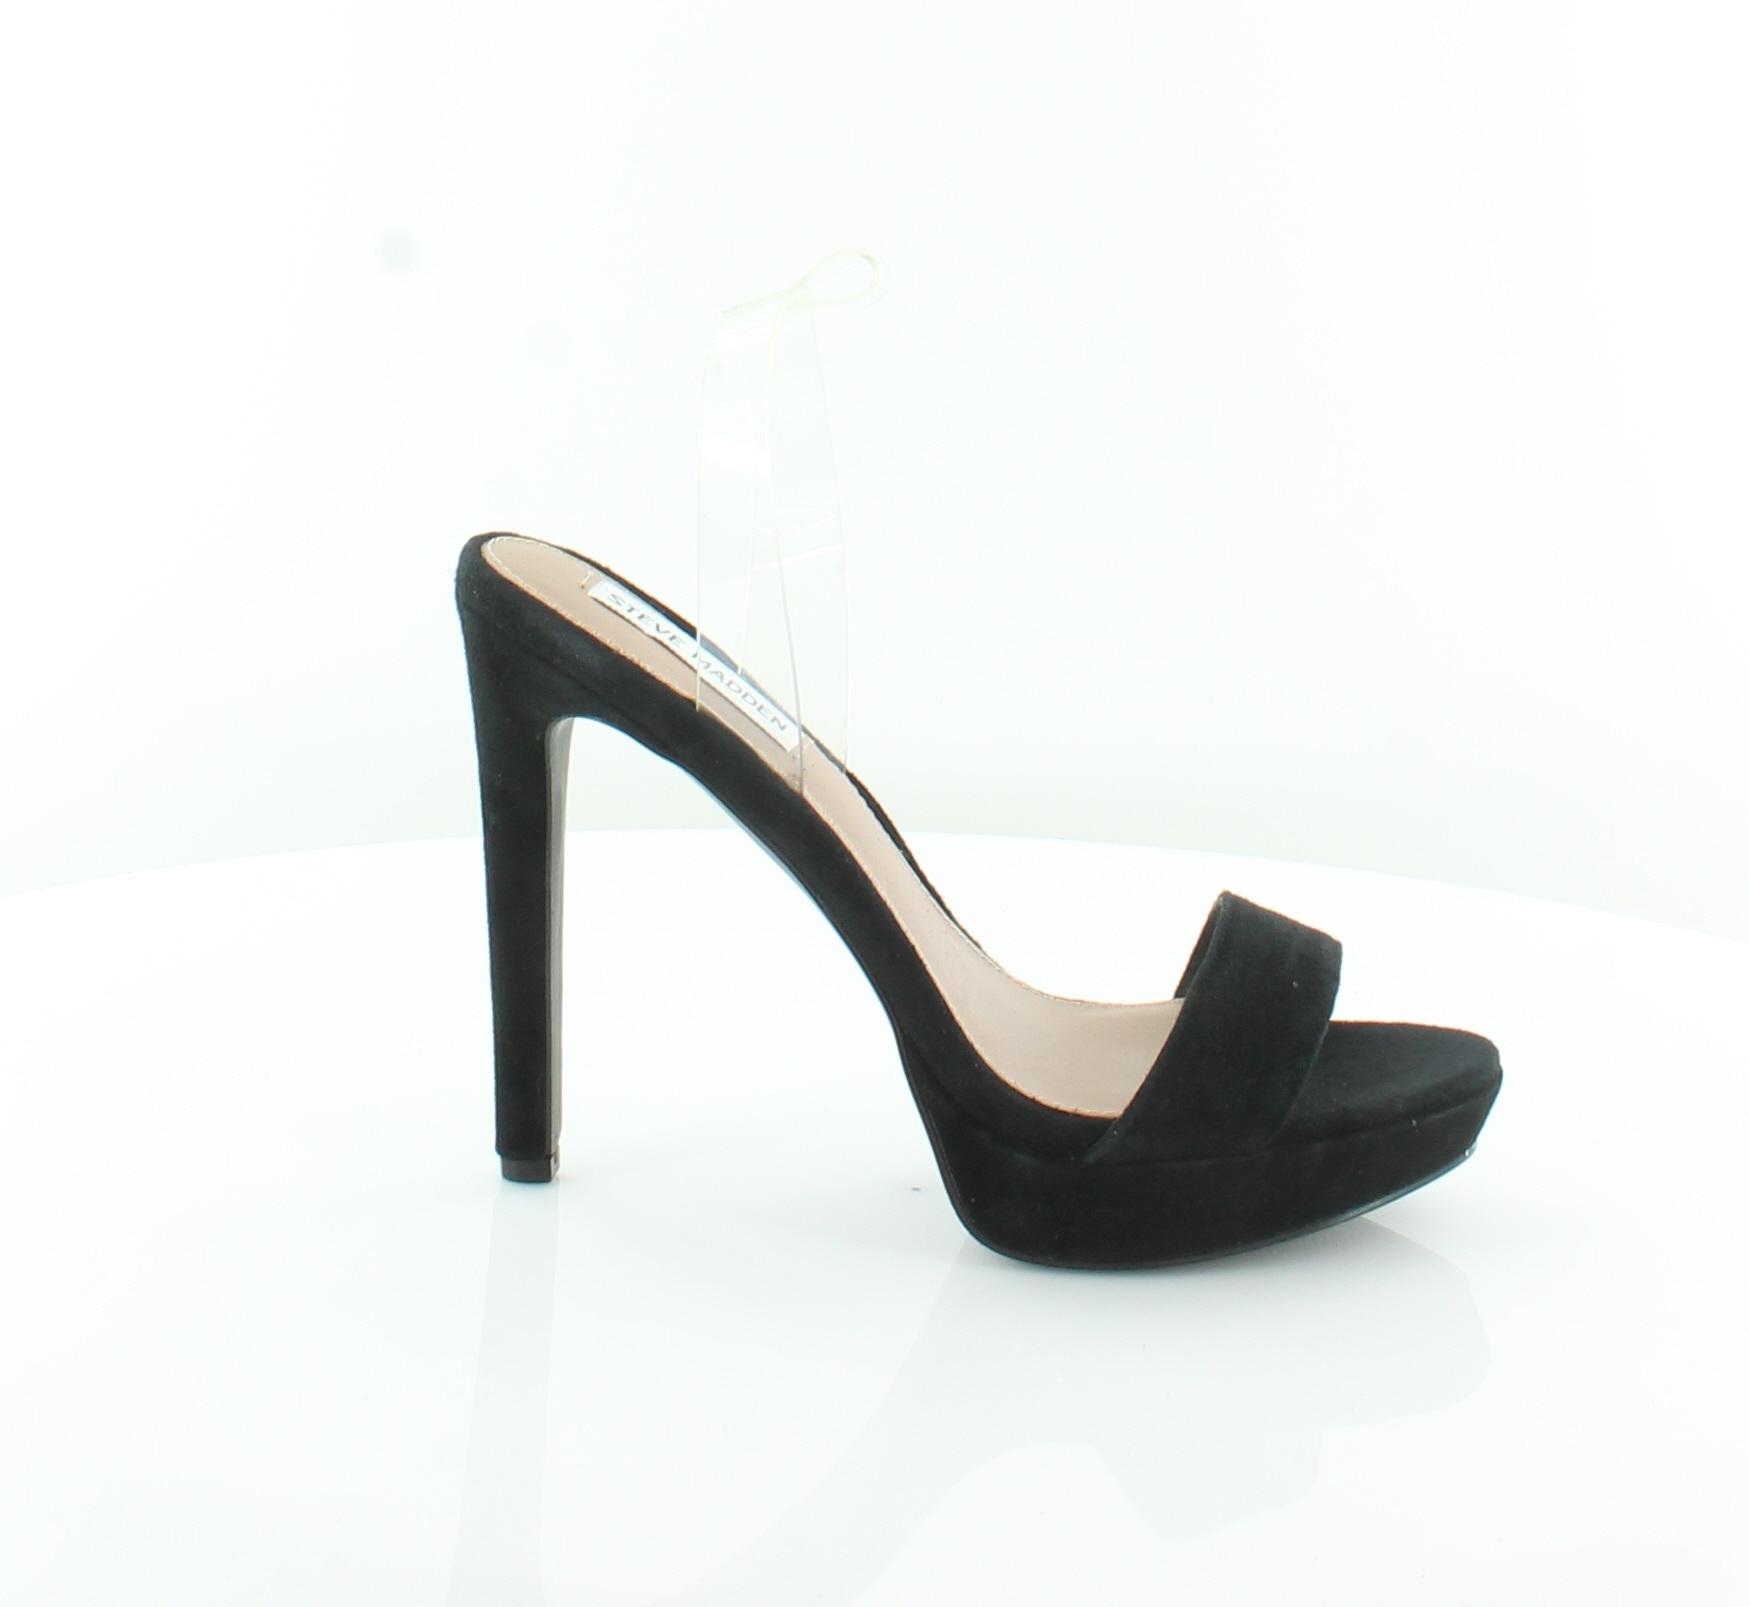 Steve Madden Cythiaa Cythiaa Cythiaa Nuevo Negro Sandalias De Mujer Zapatos Talla 8 M MSRP  109  barato y de alta calidad